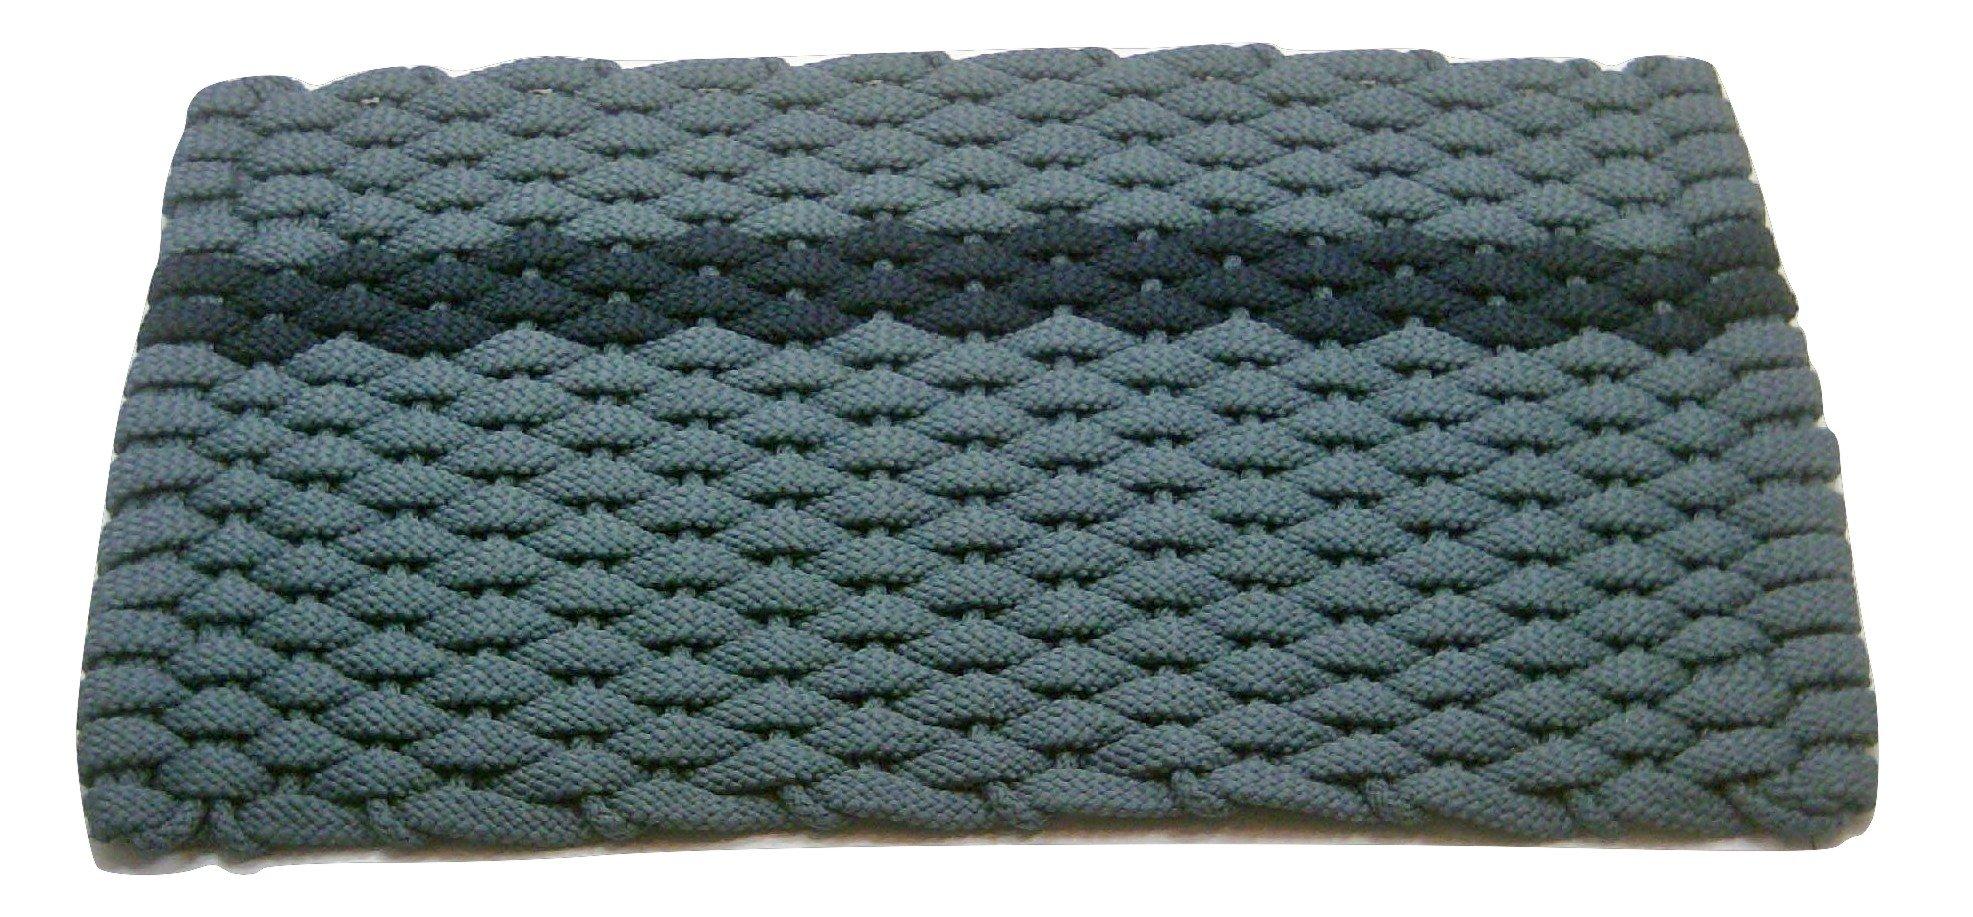 Rockport Rope Doormats 2034396 Indoor & Outdoor Doormats, 20'' x 34'', Light Blue with offset Navy Stripe